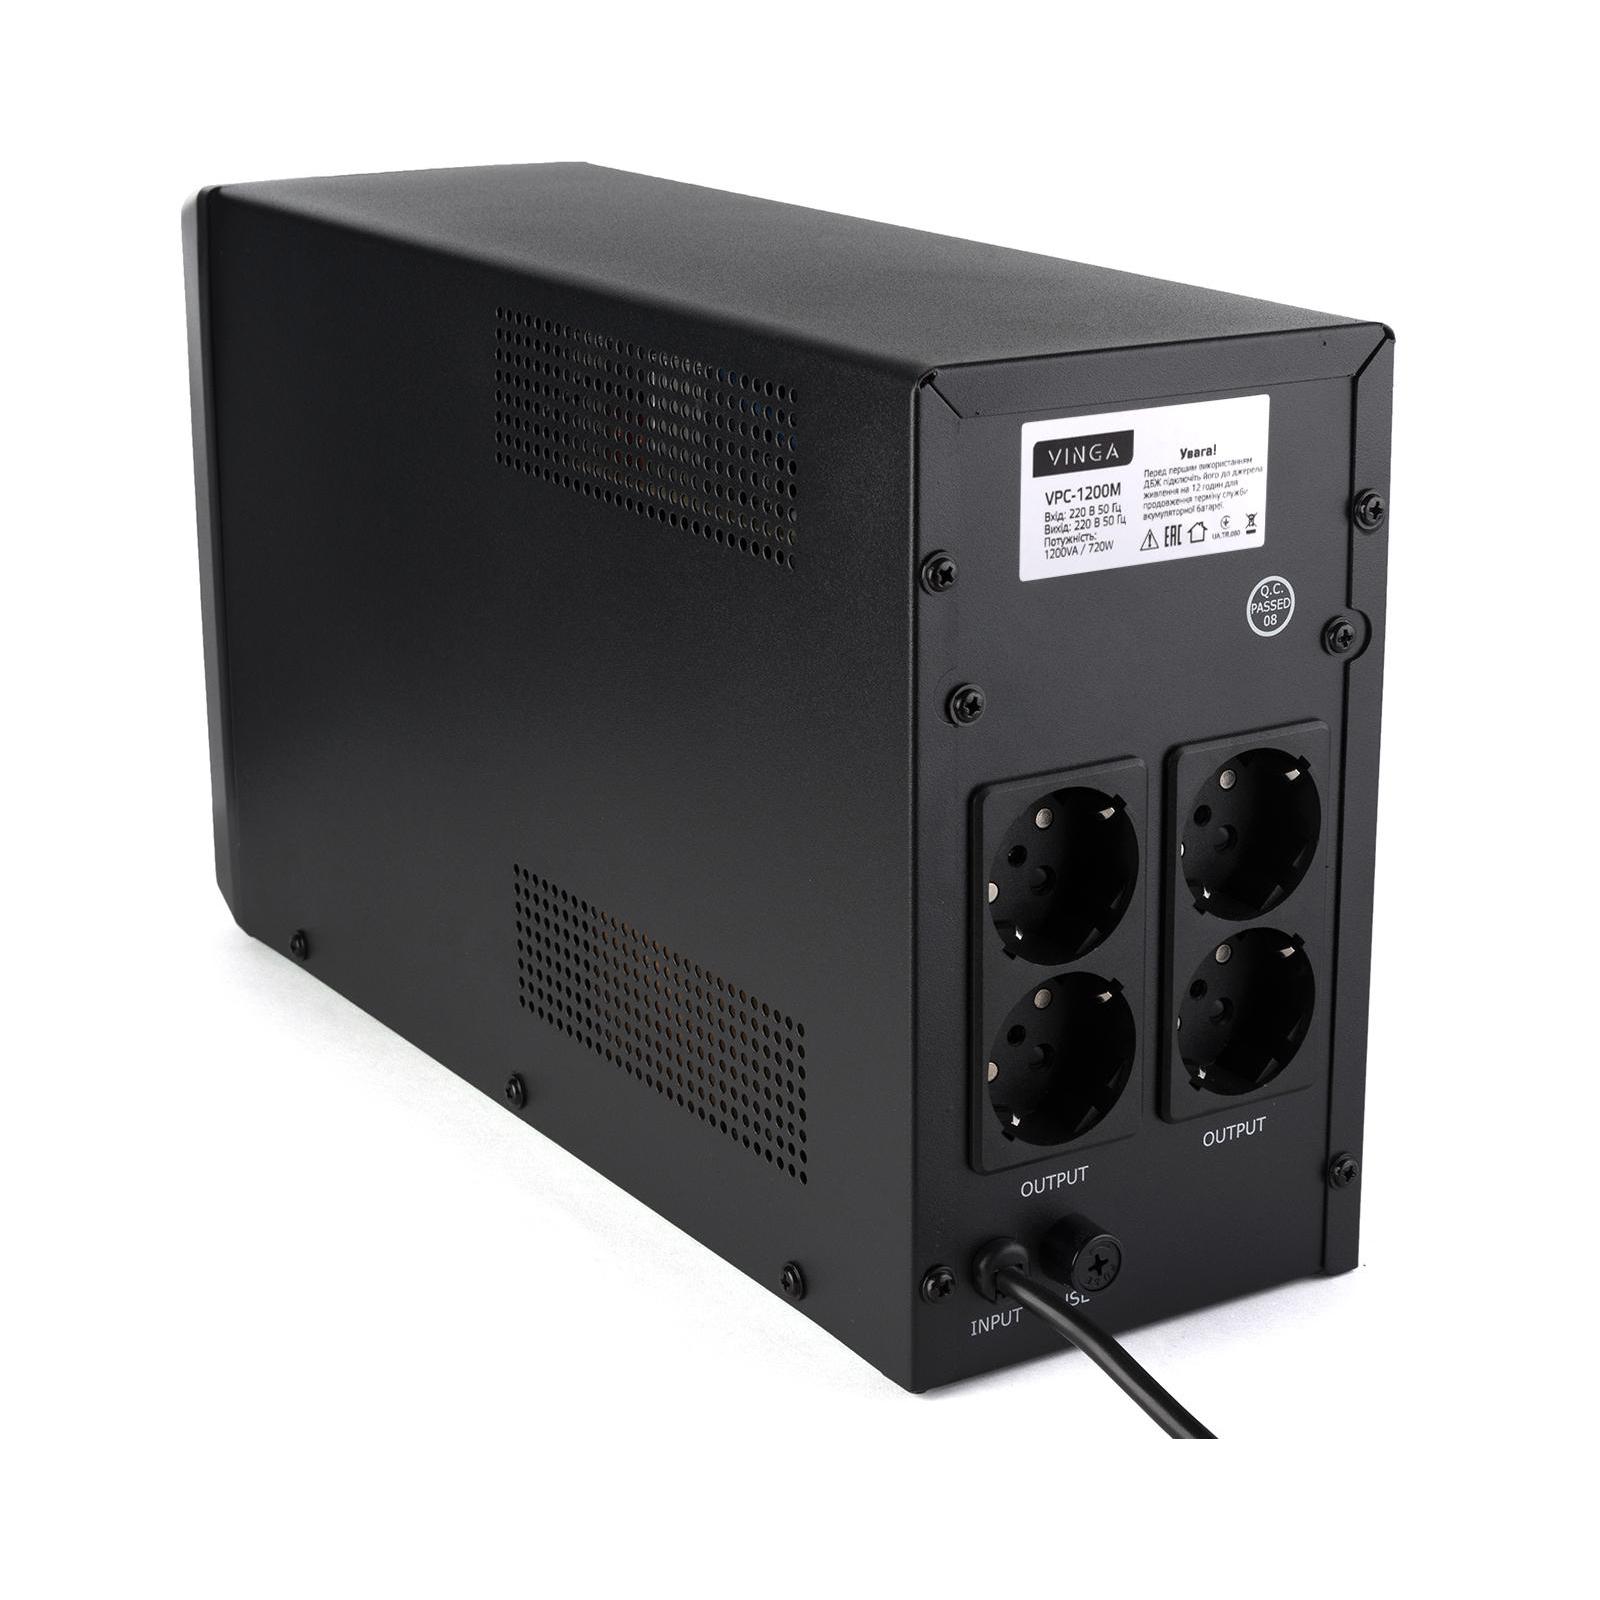 Источник бесперебойного питания Vinga LCD 1200VA metal case (VPC-1200M) изображение 10